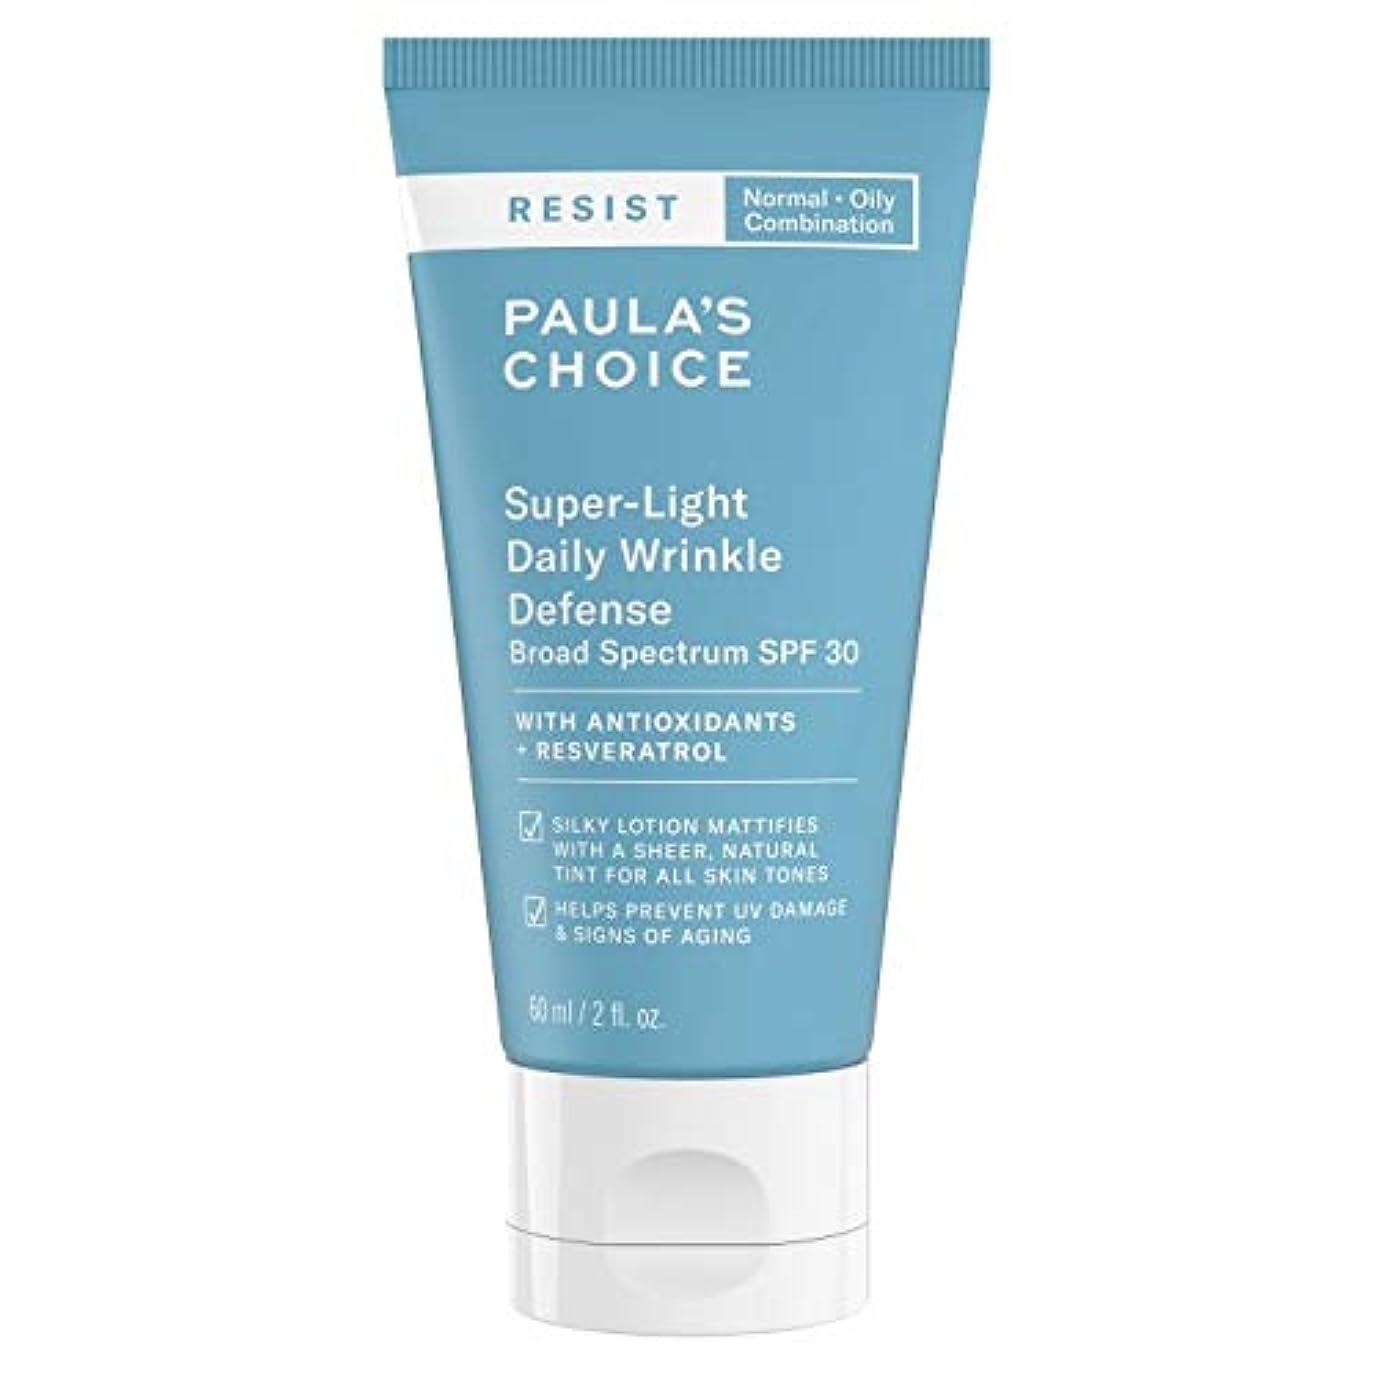 記念碑コンテンポラリー修士号ポーラチョイス レジスト スーパーライト 毎日のしわの防衛 サンスクリーン (60ml) SPF30 / Paula's Choice Resist Super-Light Daily Wrinkle Defense Sunscreen